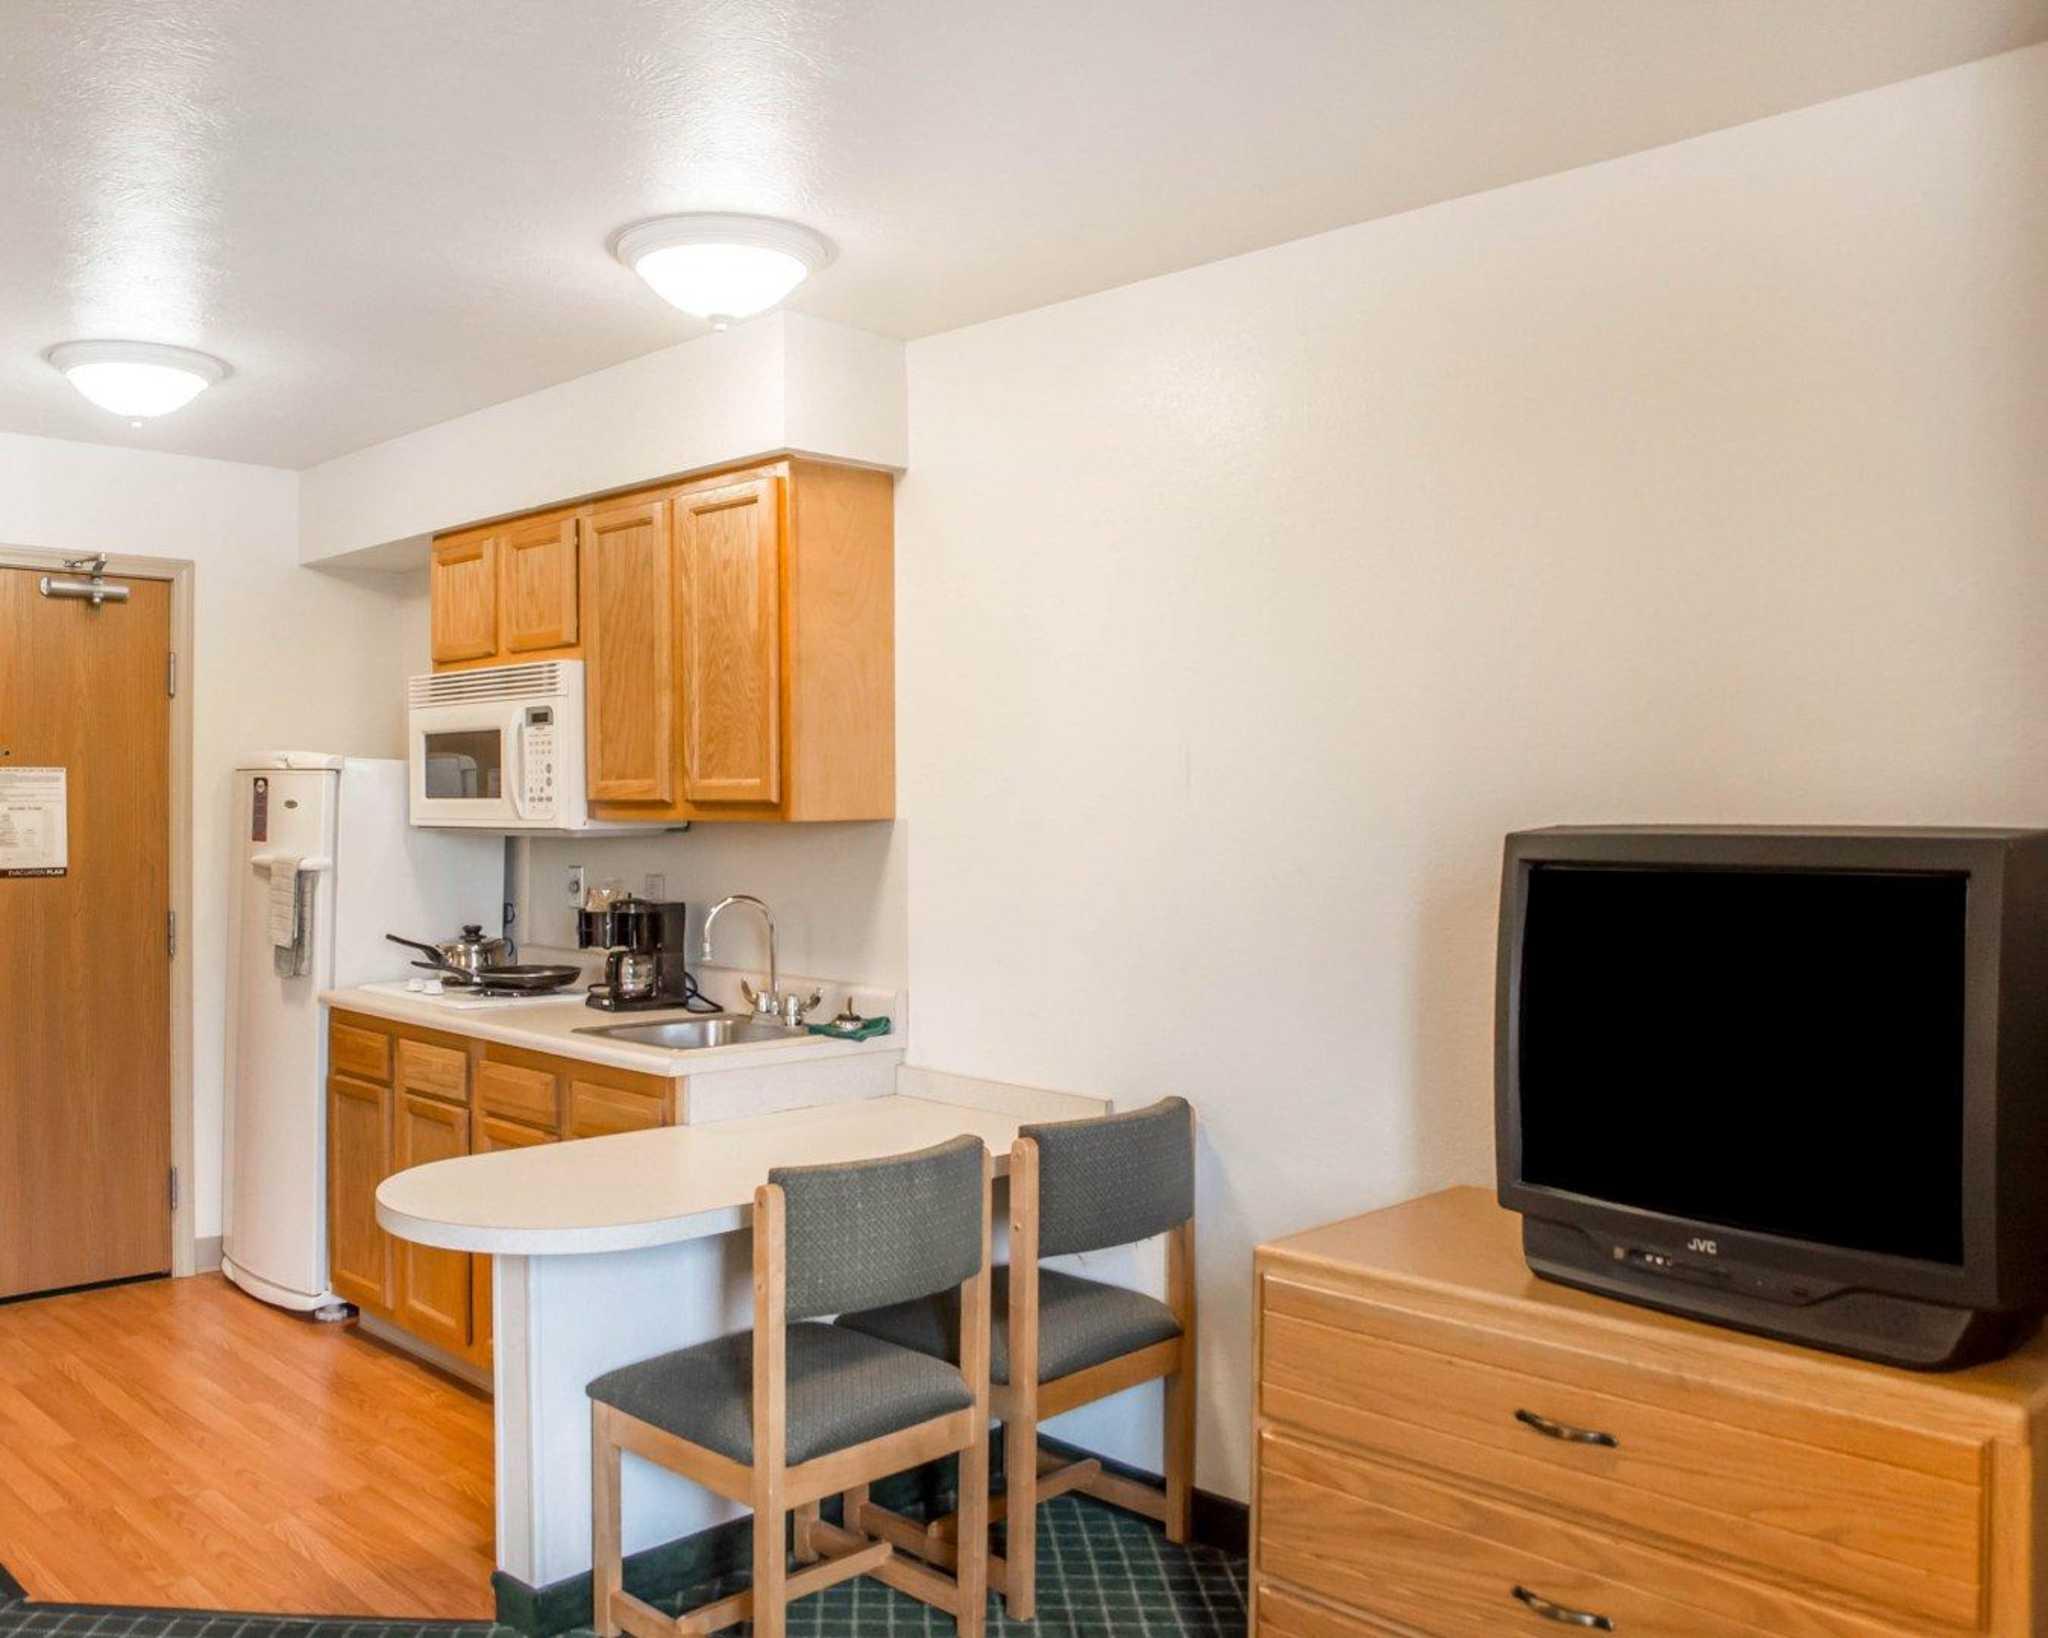 Suburban Extended Stay Hotel Dayton-WP AFB image 19